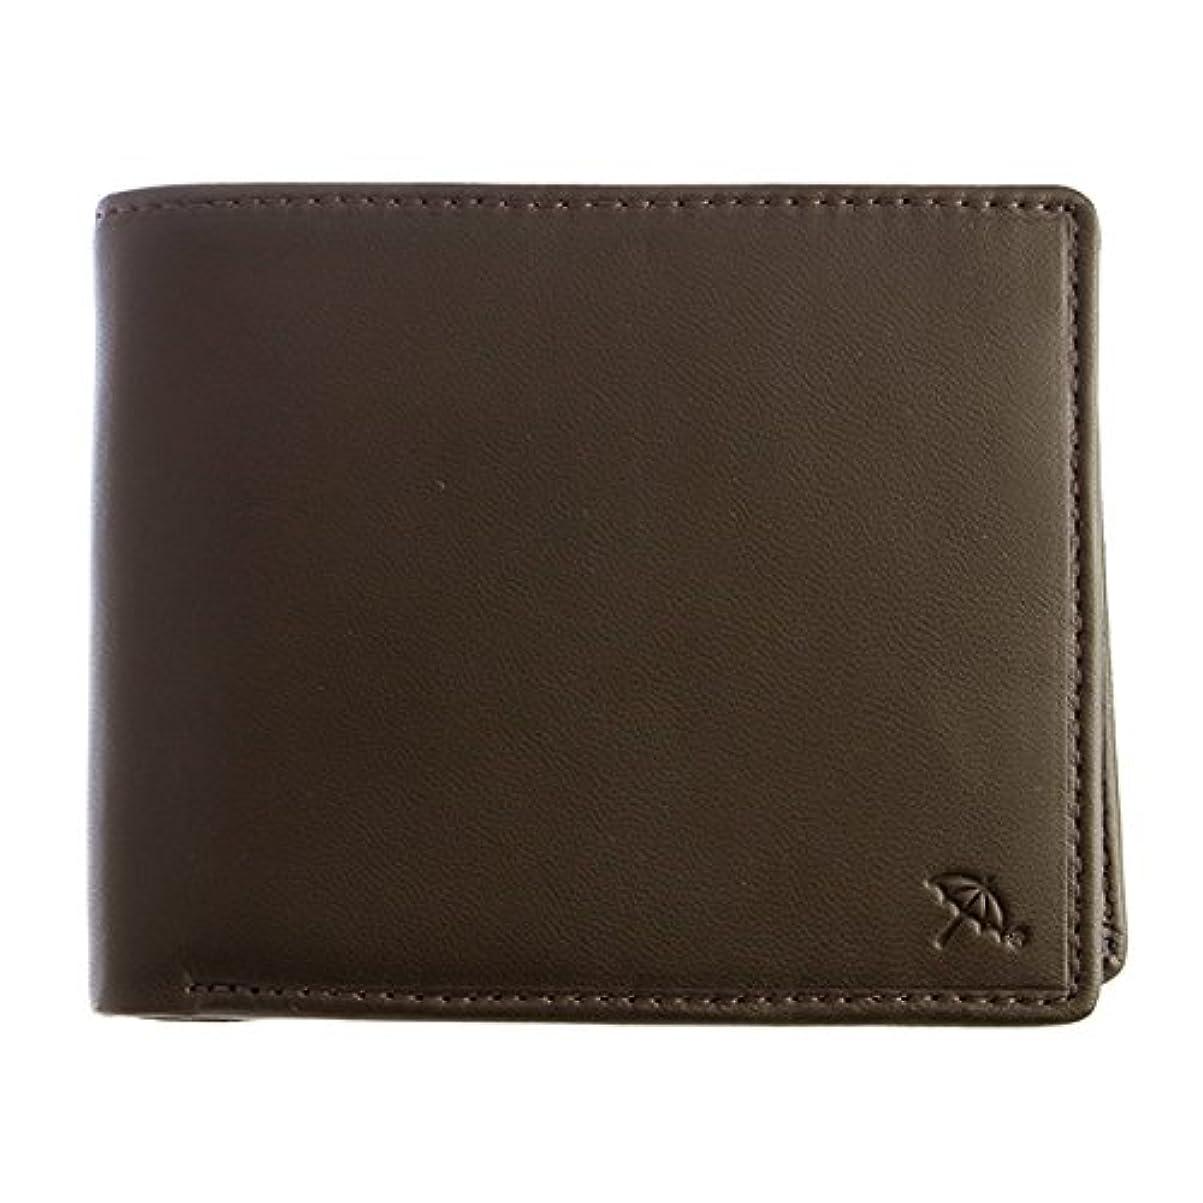 巻き取り年金八アーノルドパーマー ARNOLD PALMER 二つ折り財布 短財布 ユニセックス 4AP3204-CC チョコ